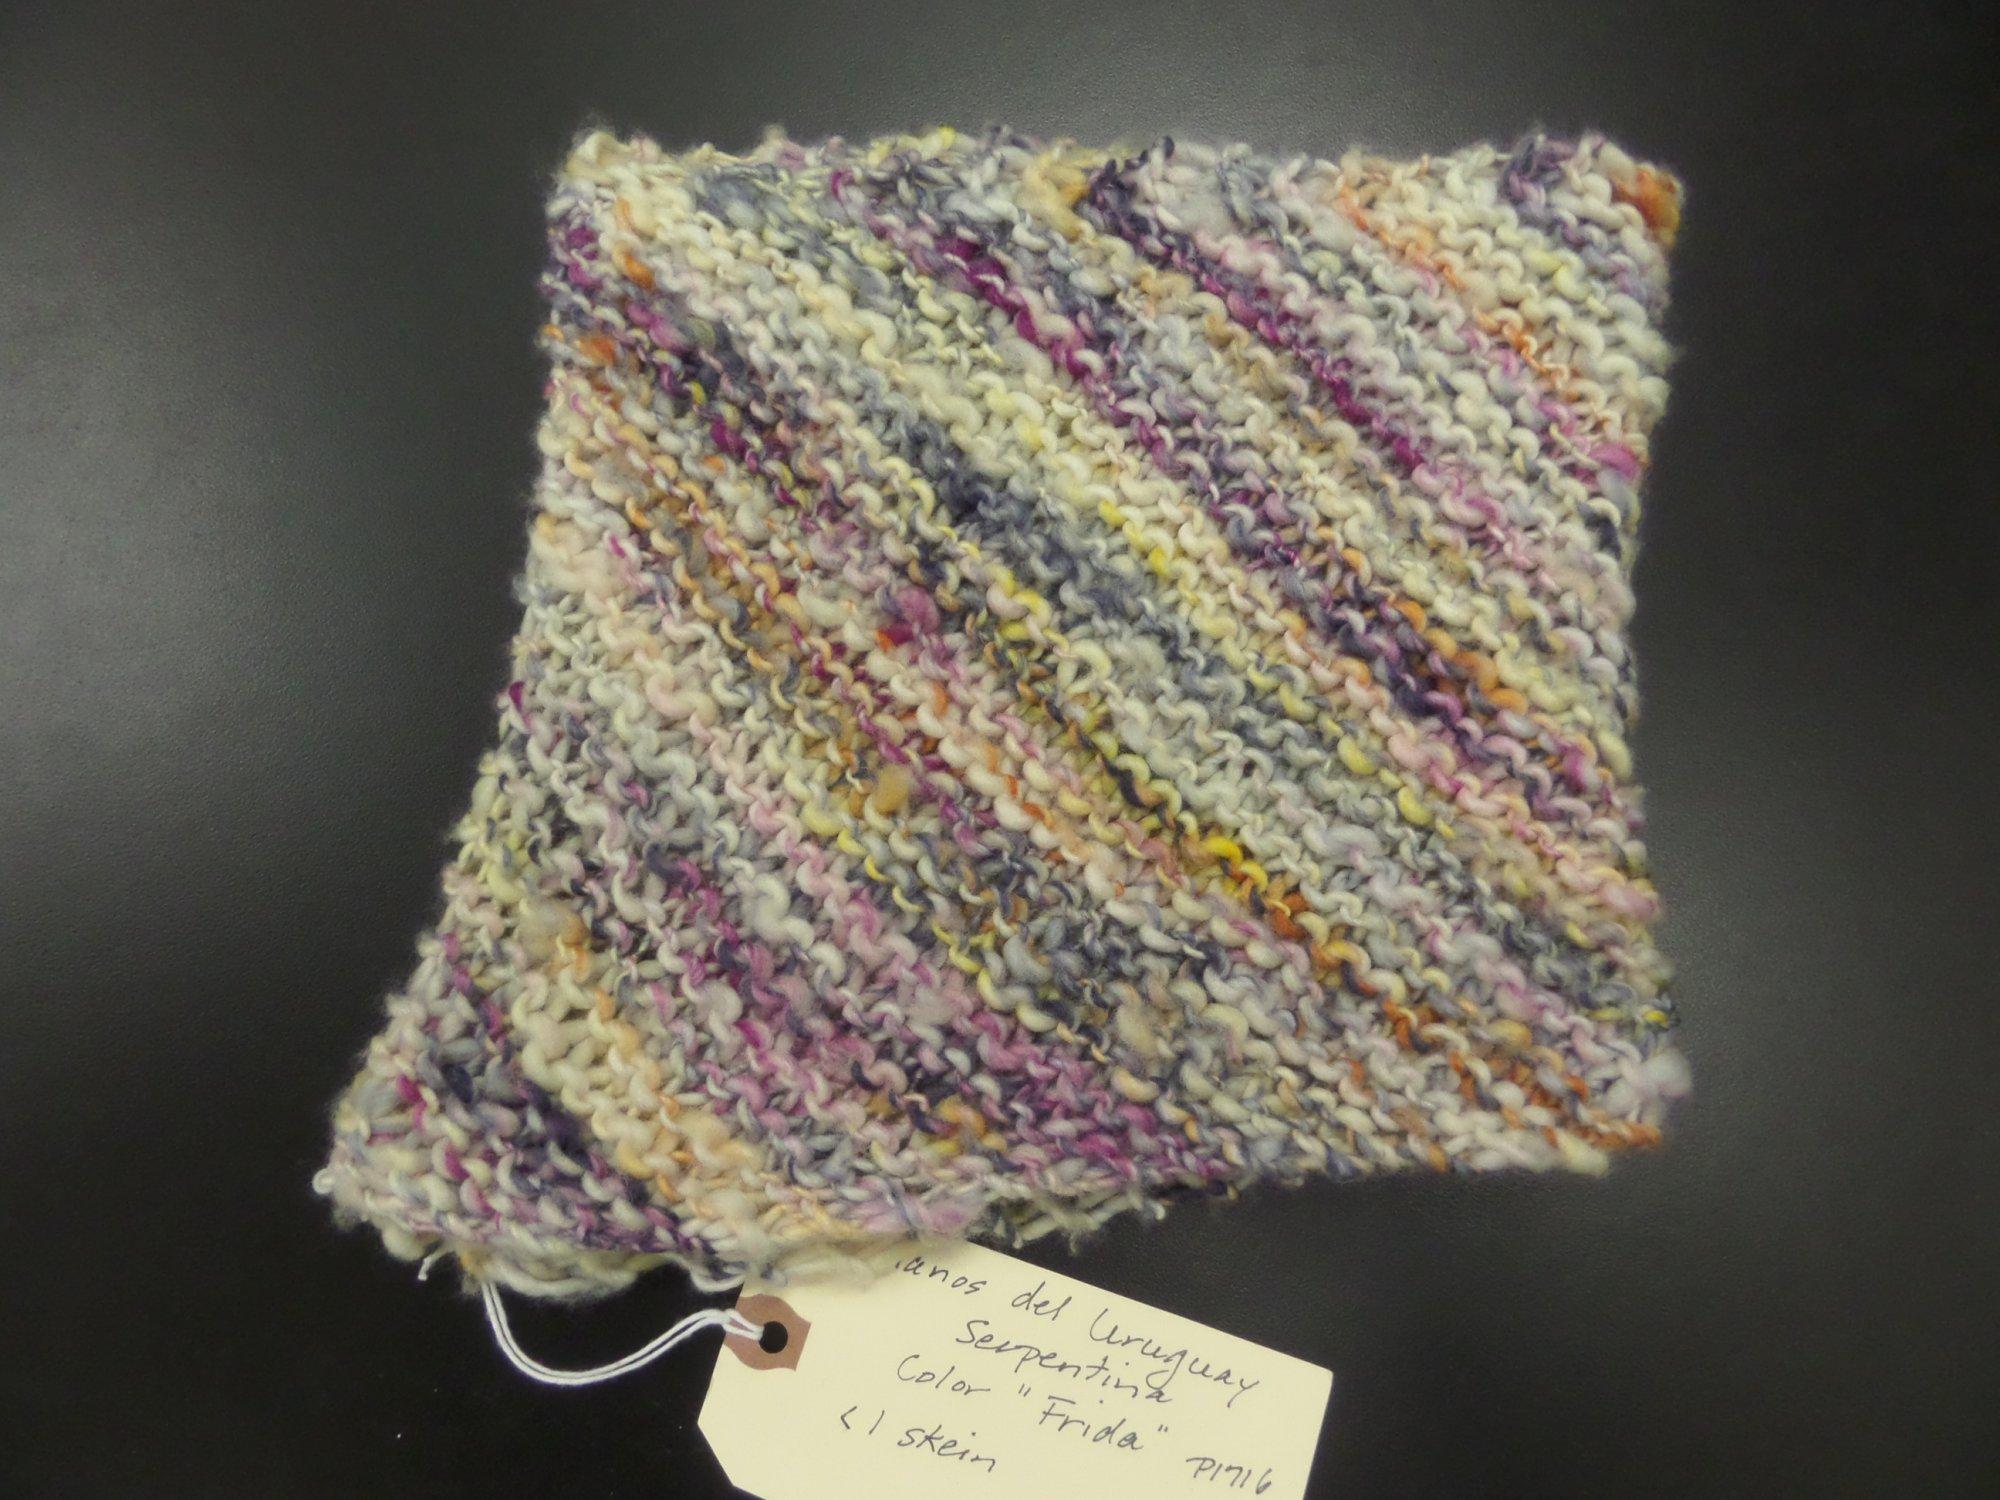 Flecha cowl model in Serpentina yarn from Manos del Uruguay